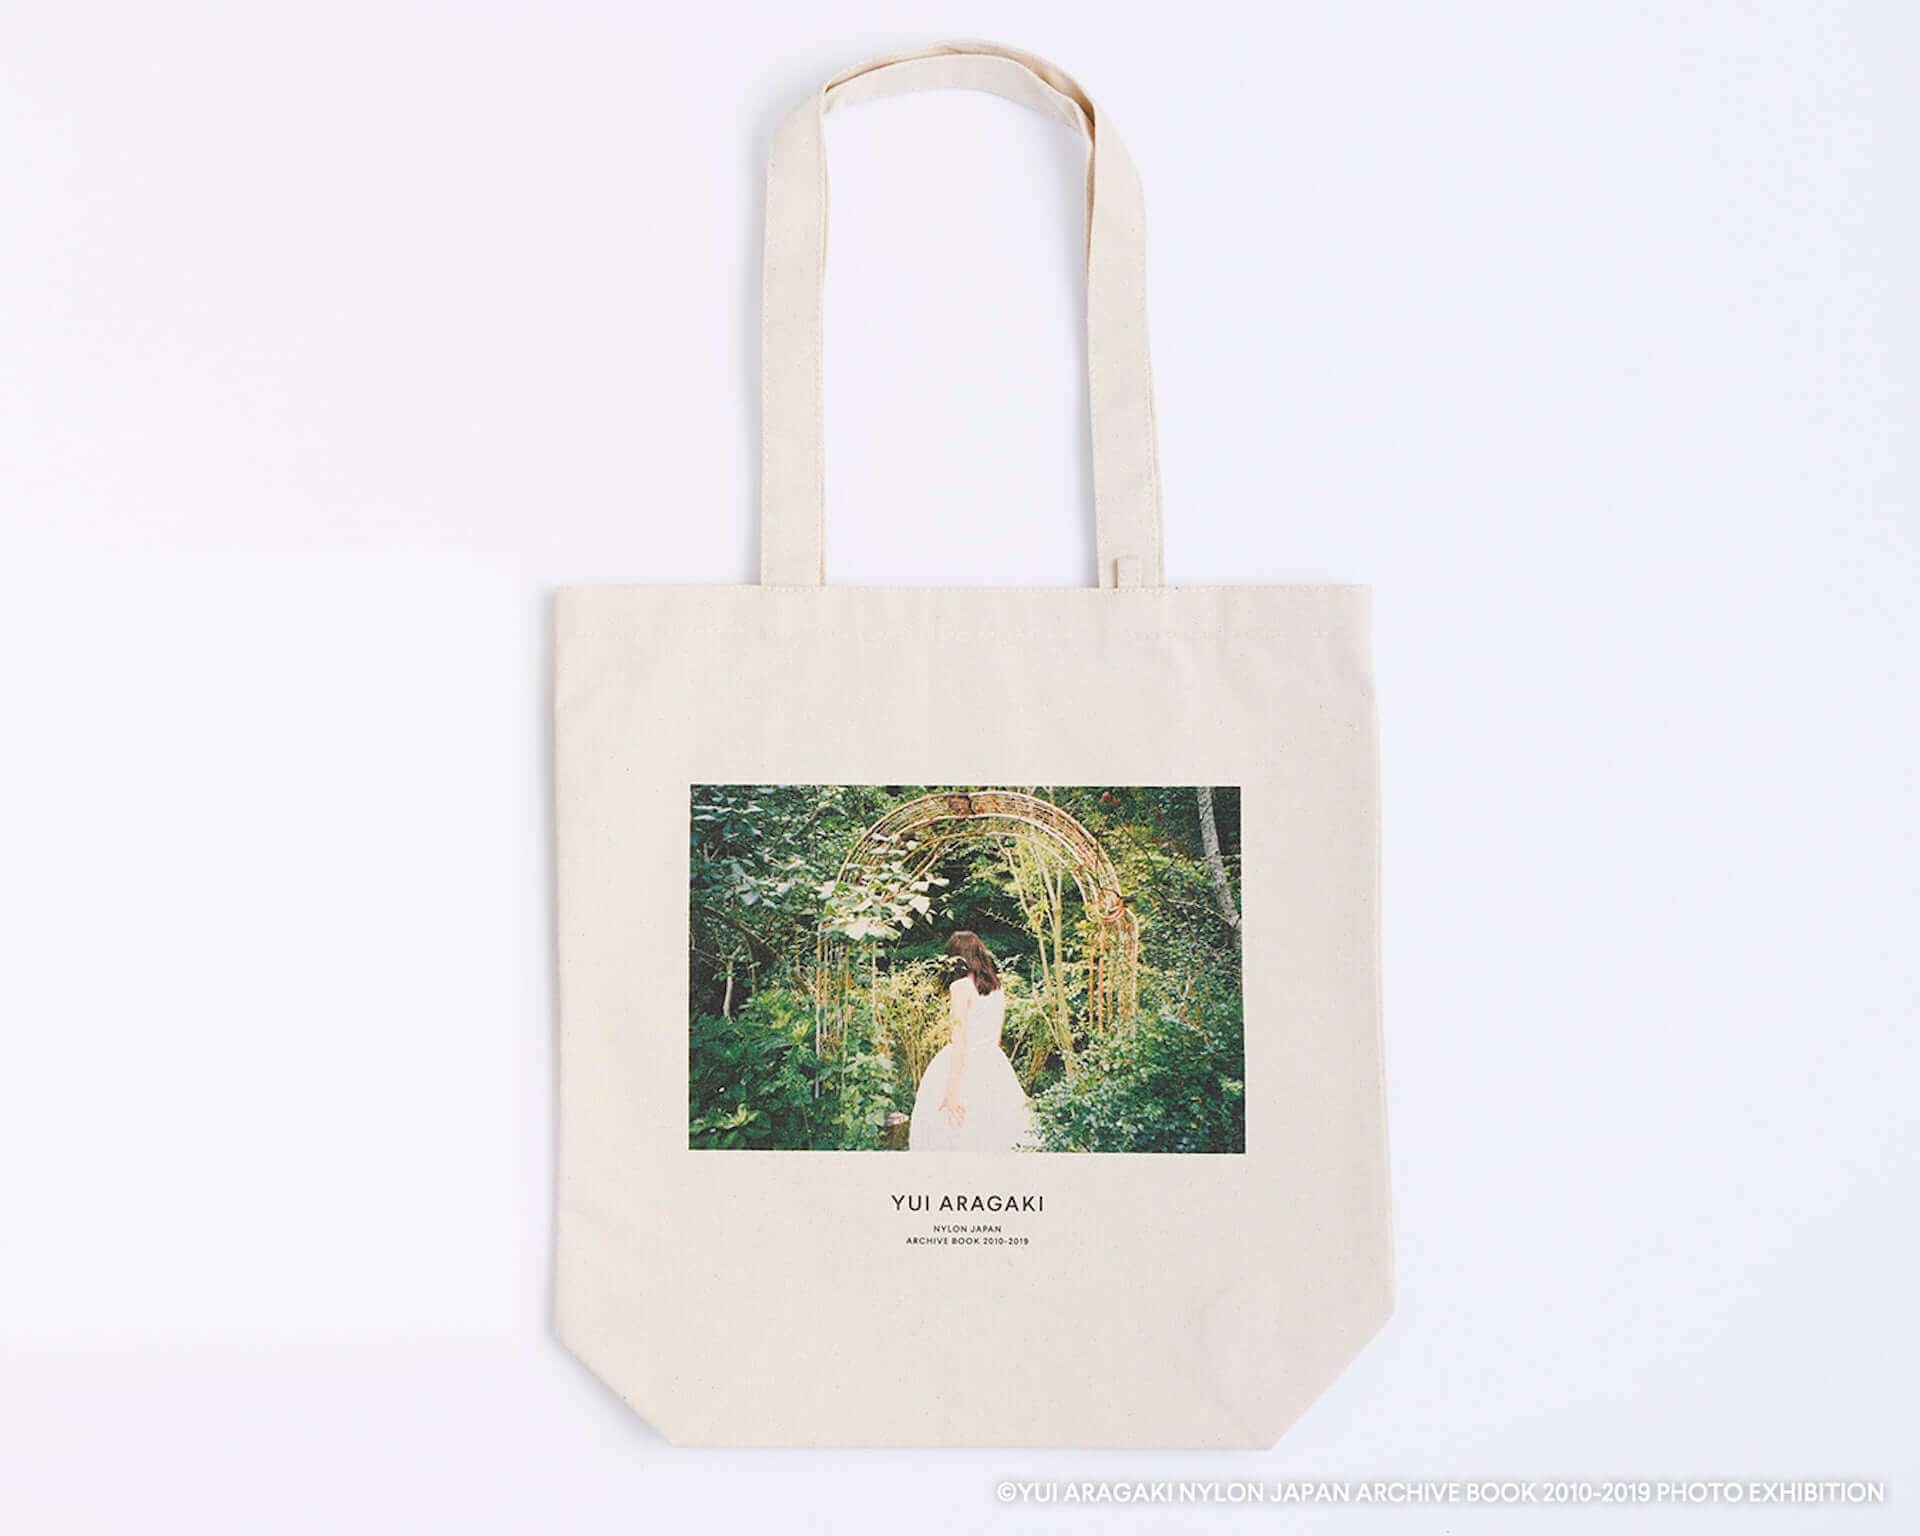 新垣結衣のNYLON JAPANでの軌跡を追った写真展が福岡、札幌、広島のPARCOでも開催決定!ガッキーマグカップの発売も art200909_aragakiyui_5